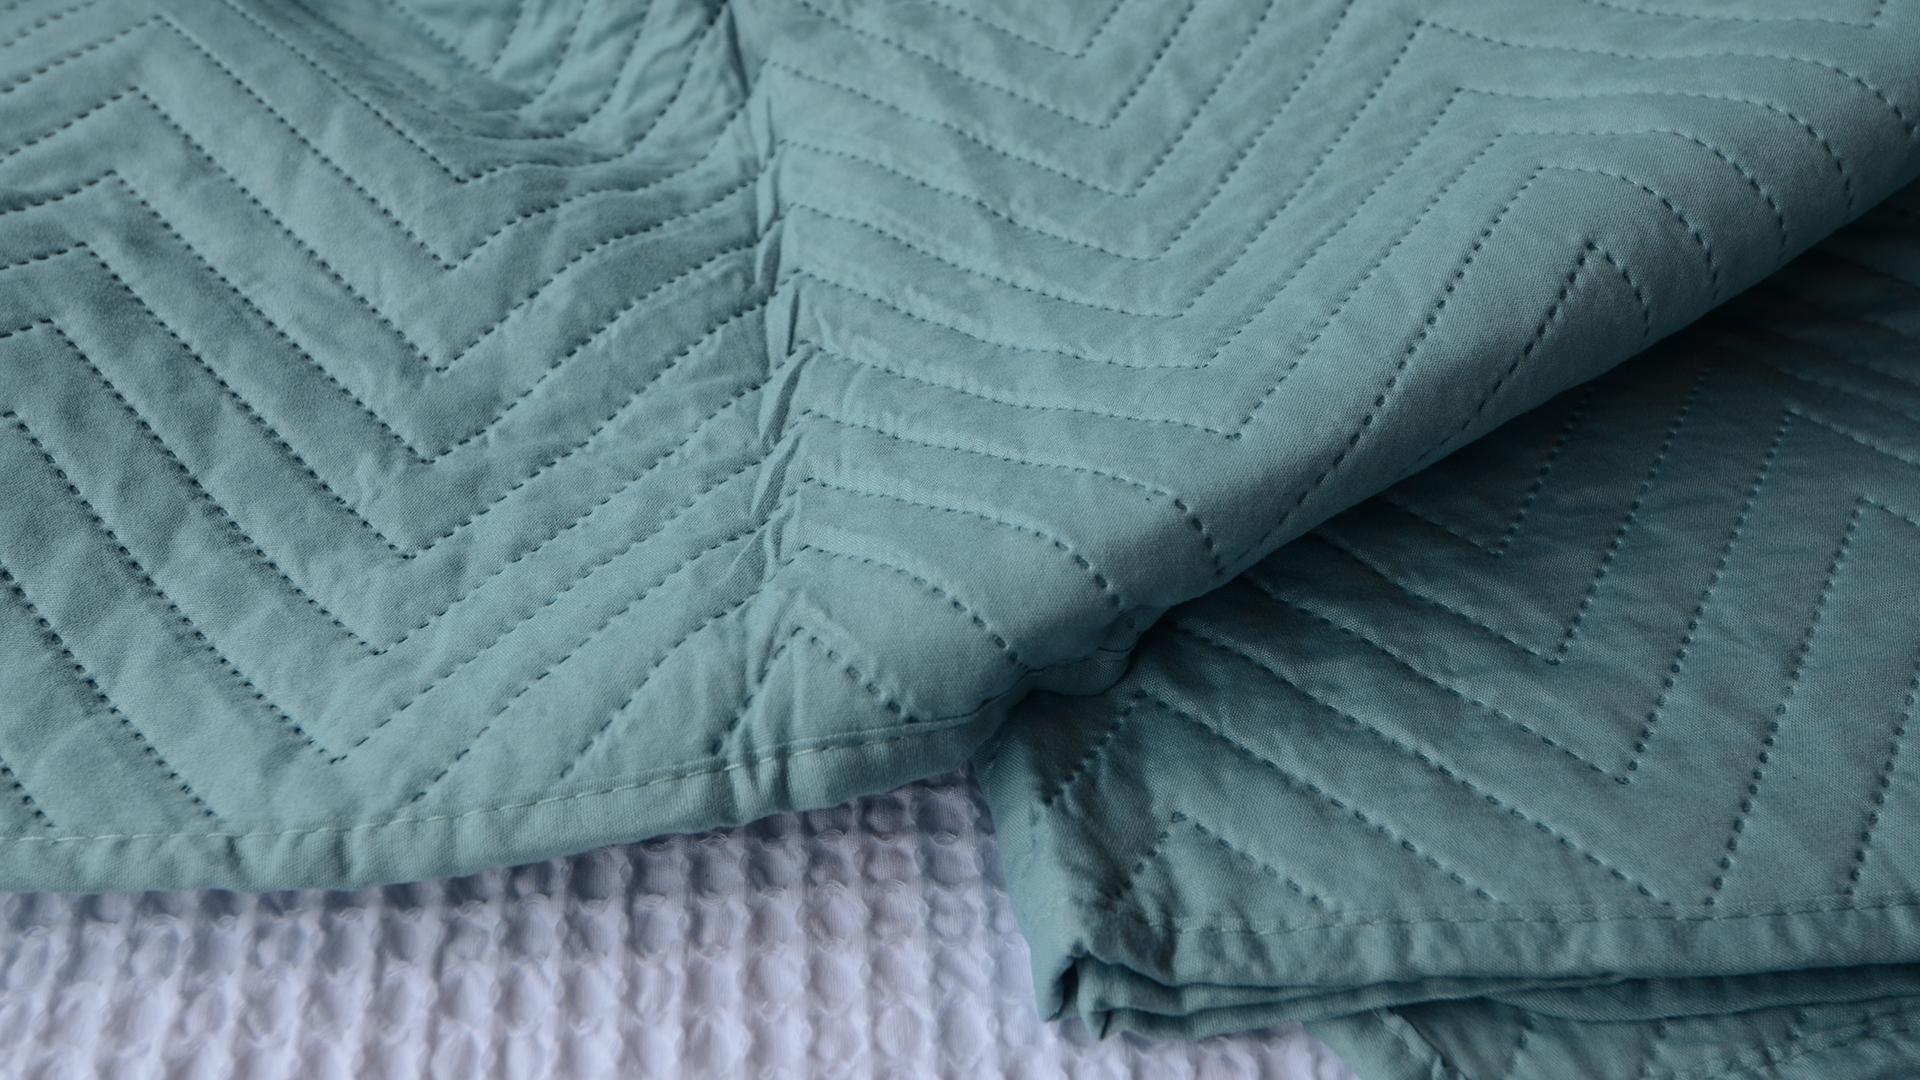 duck-egg blue bedspread chevron pattern